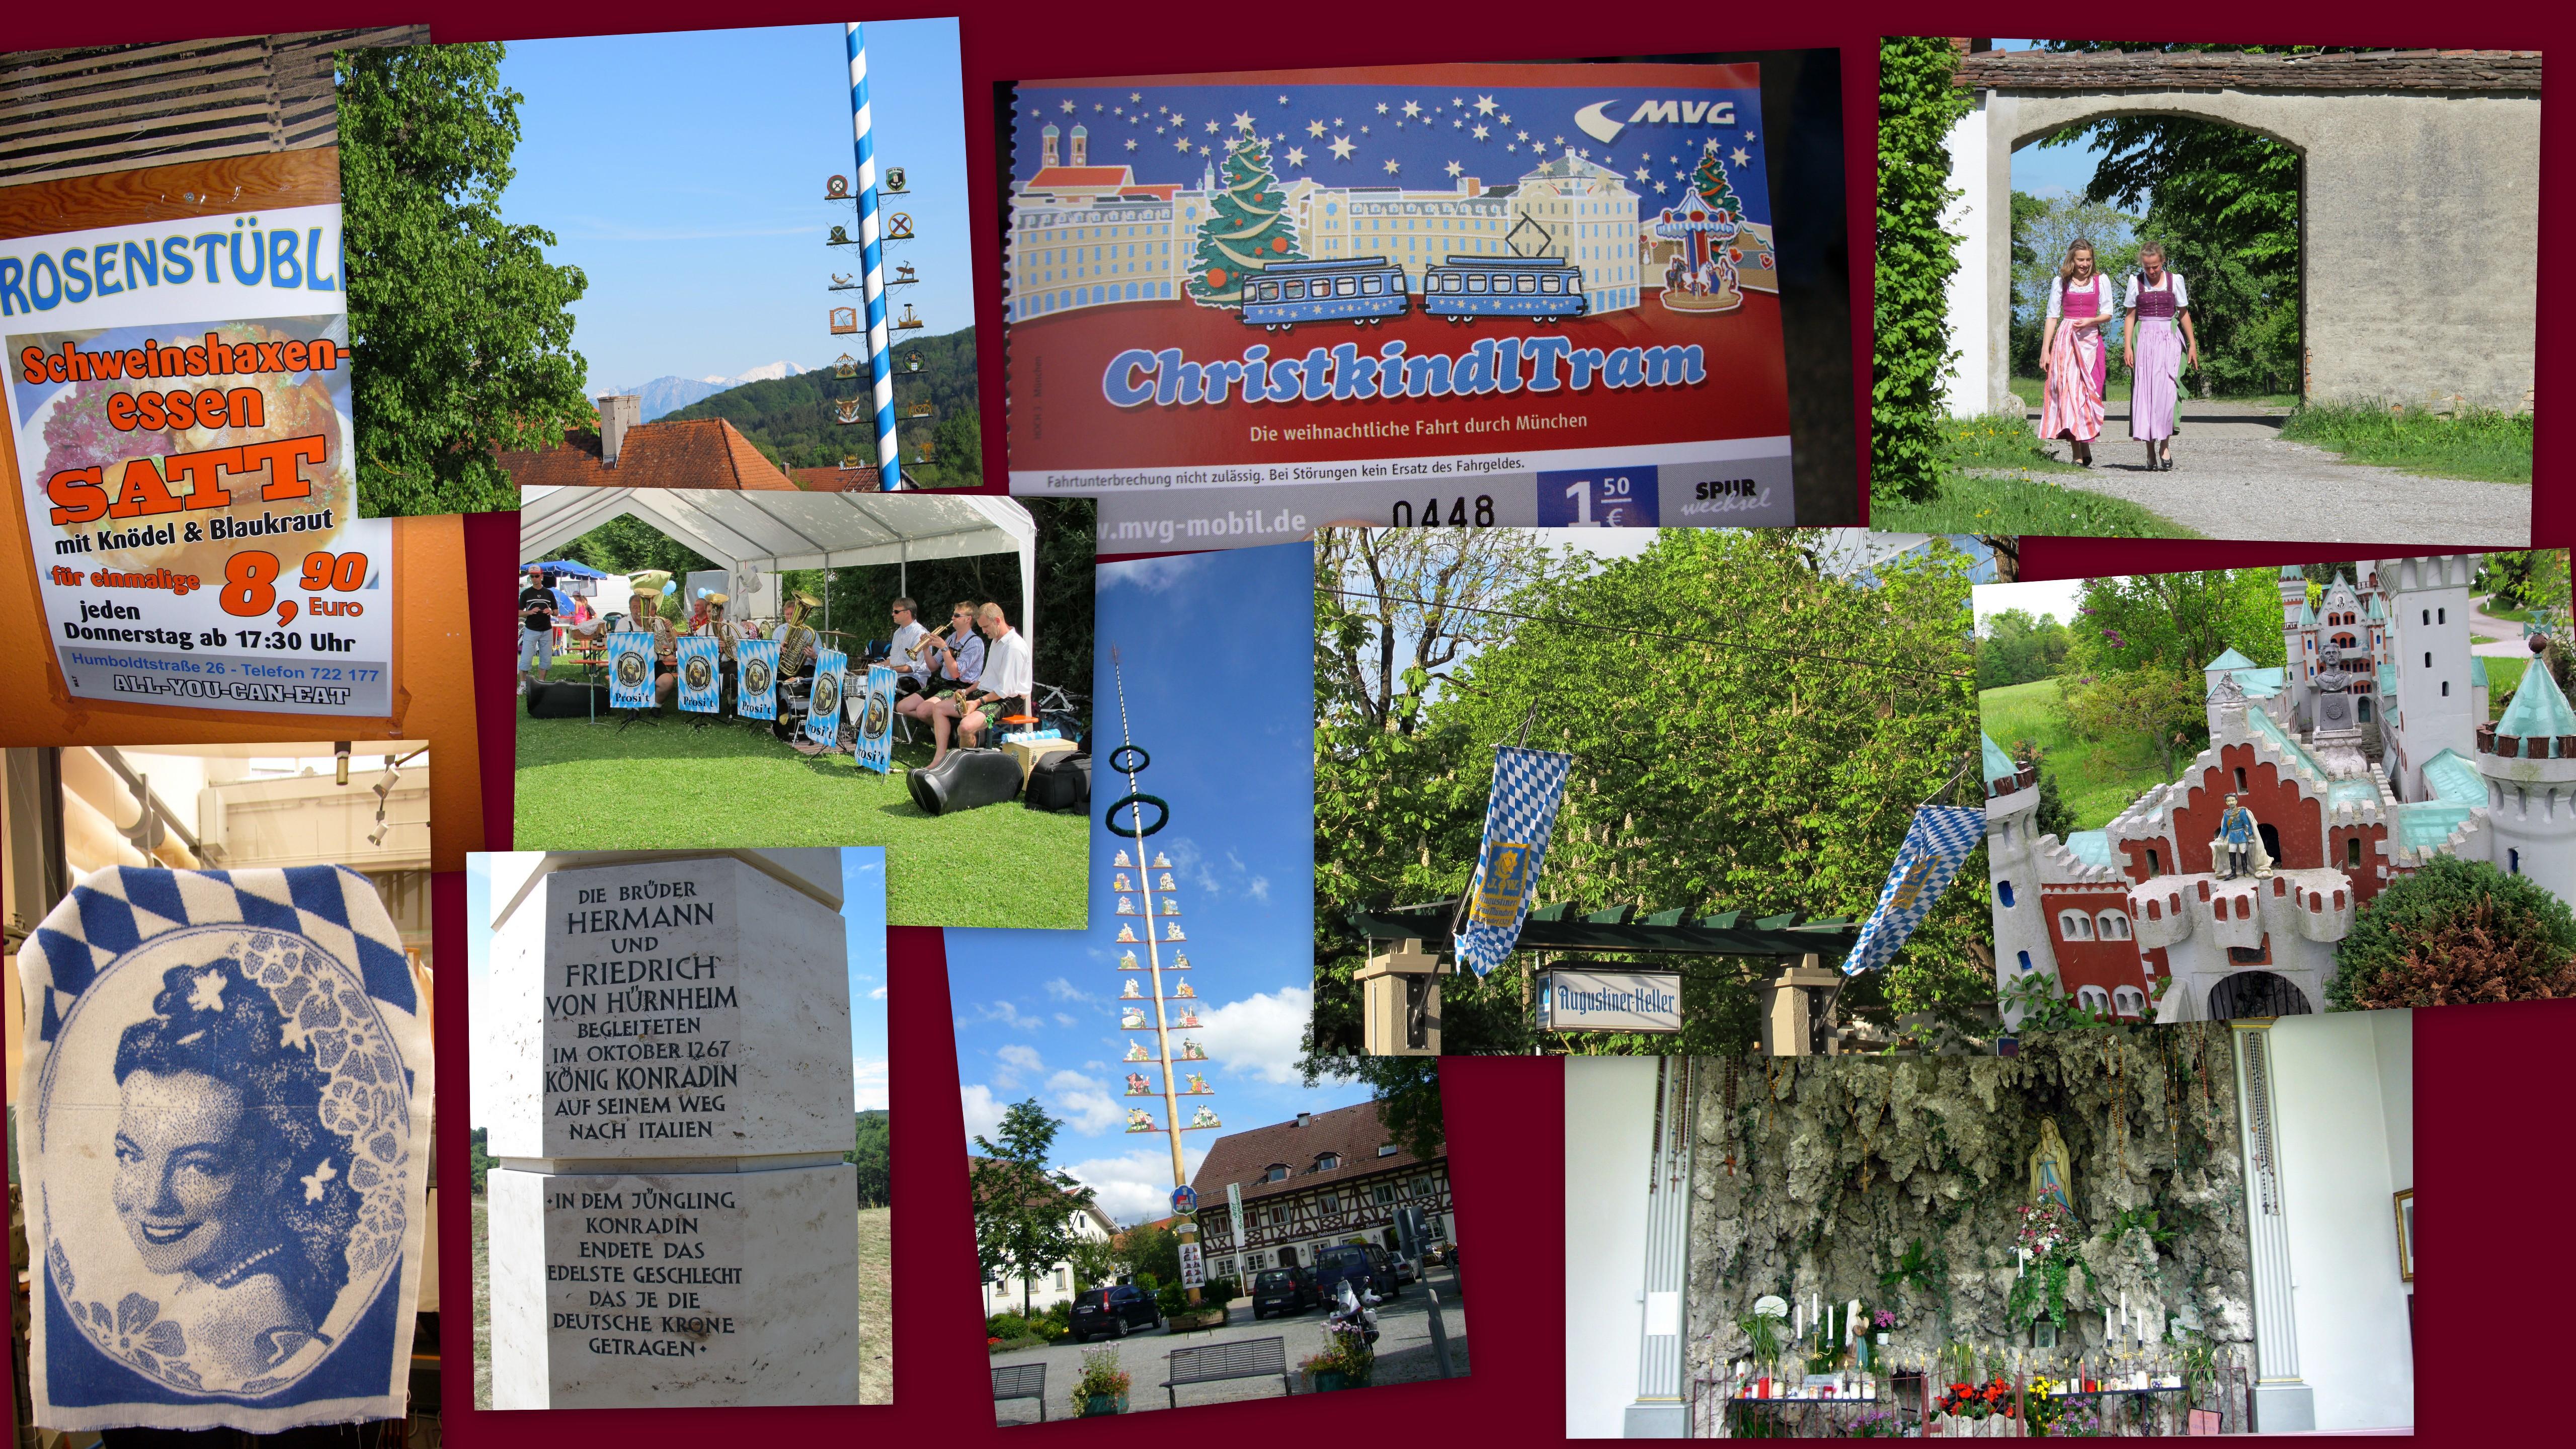 Jede Menge 'Brauchtum' - von der Blasmusi, Christkindl-Tramfahren, Maibaum-Aufstellen, bis hin zum Biergarten + Kneipen-und Wallfahrtsort-Besuch (klar!)